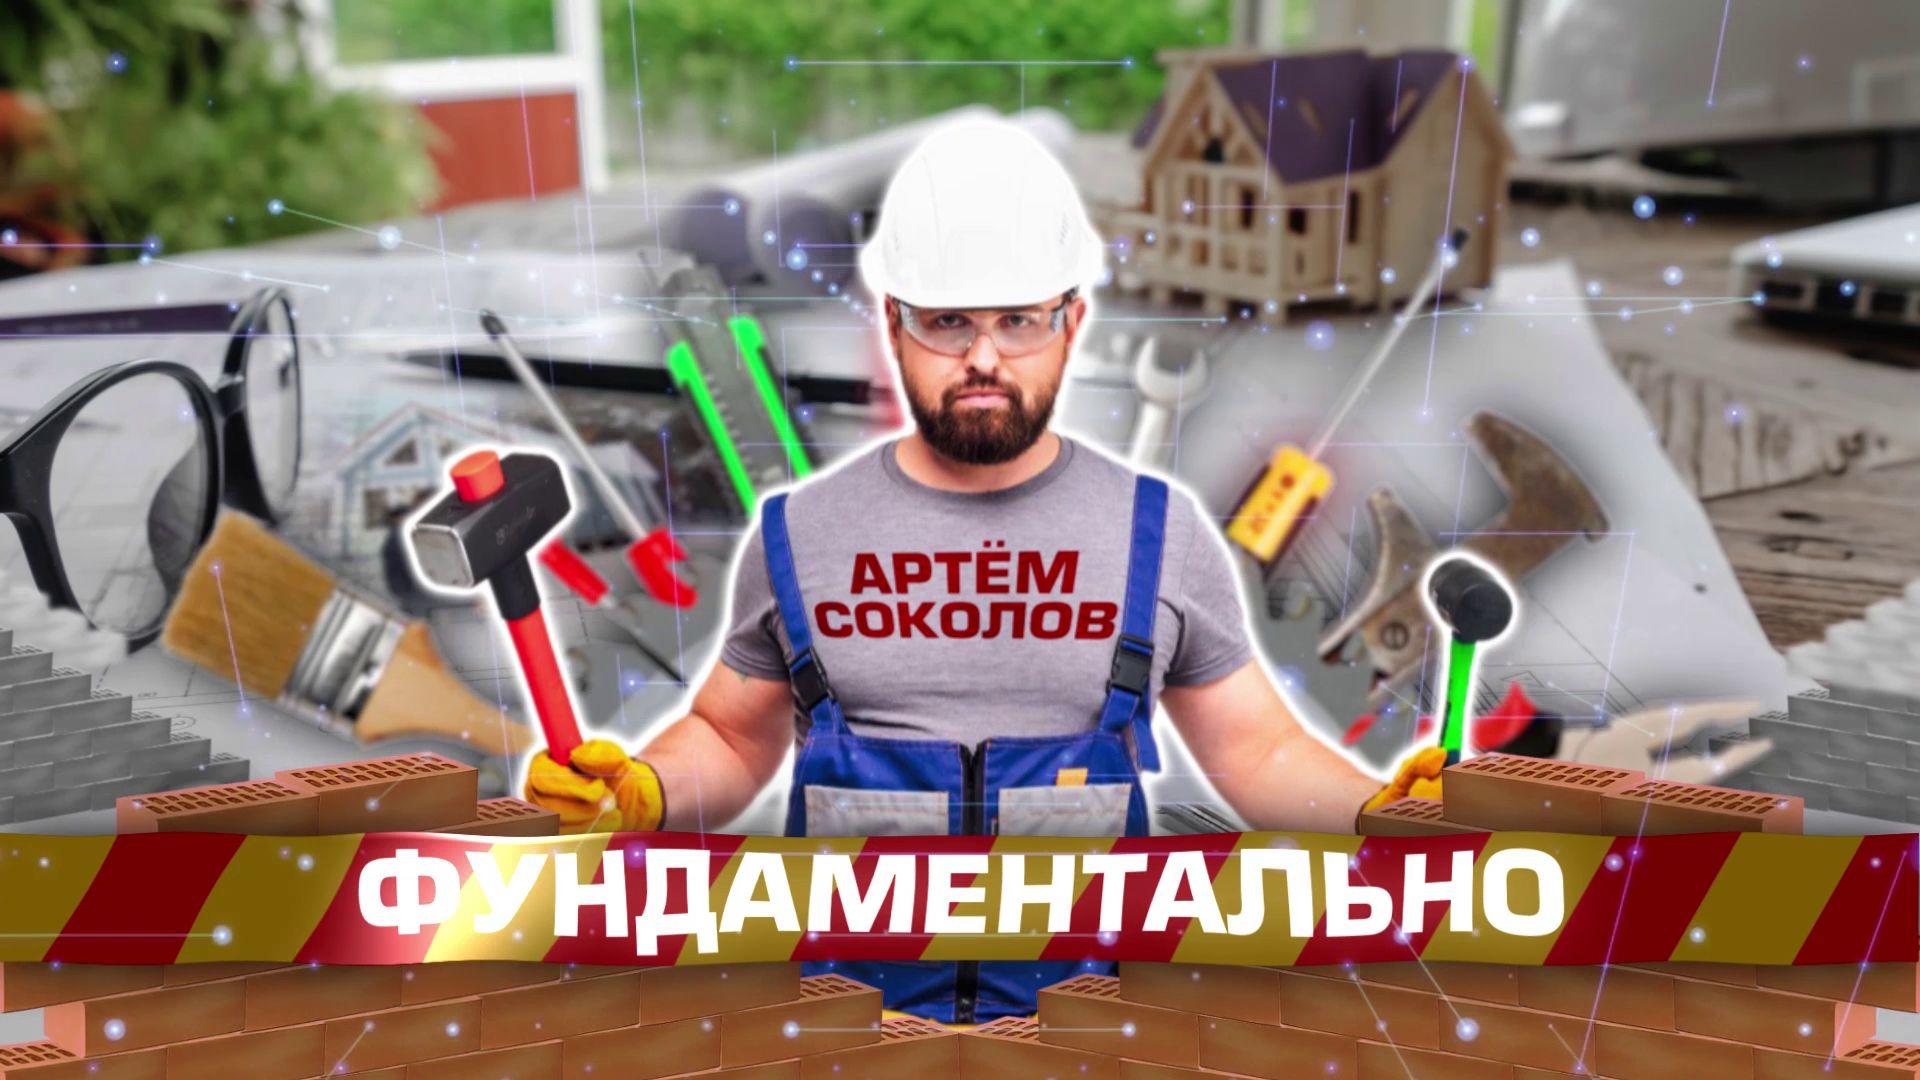 «Фундаментально»: «Первый Ярославский» запускает новую программу о строительстве